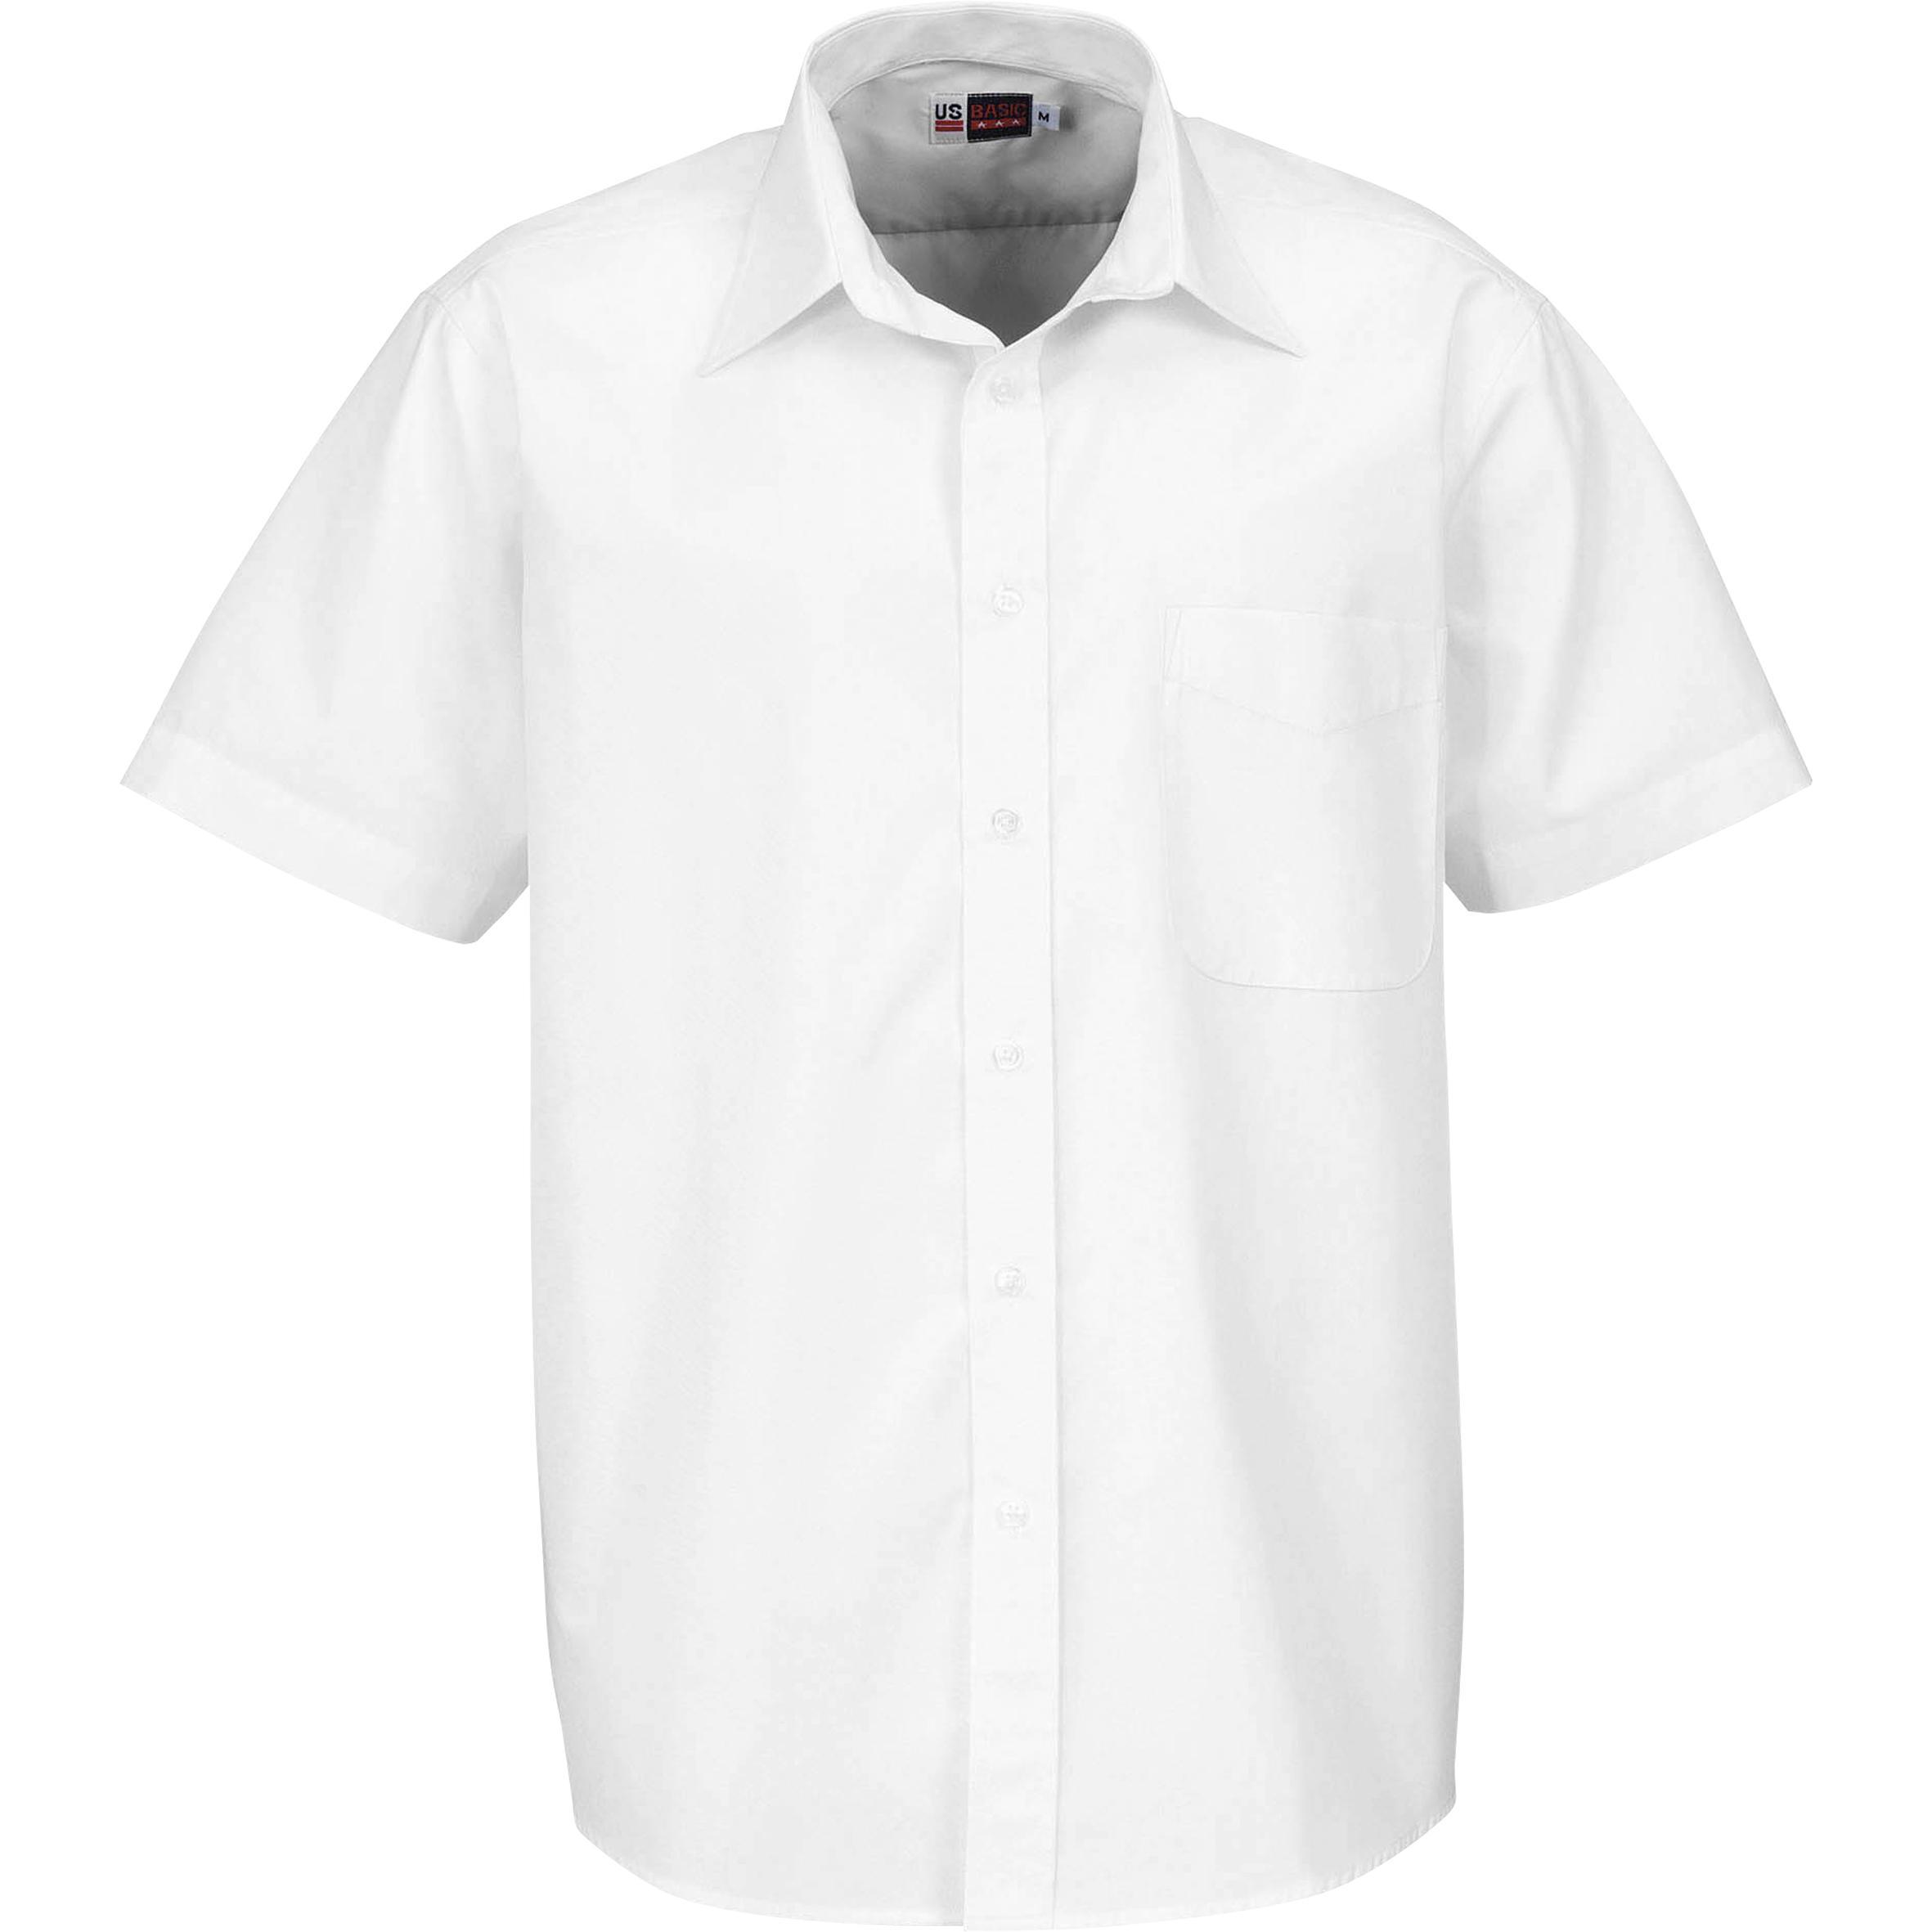 Mens Short Sleeve Washington Shirt - White Only